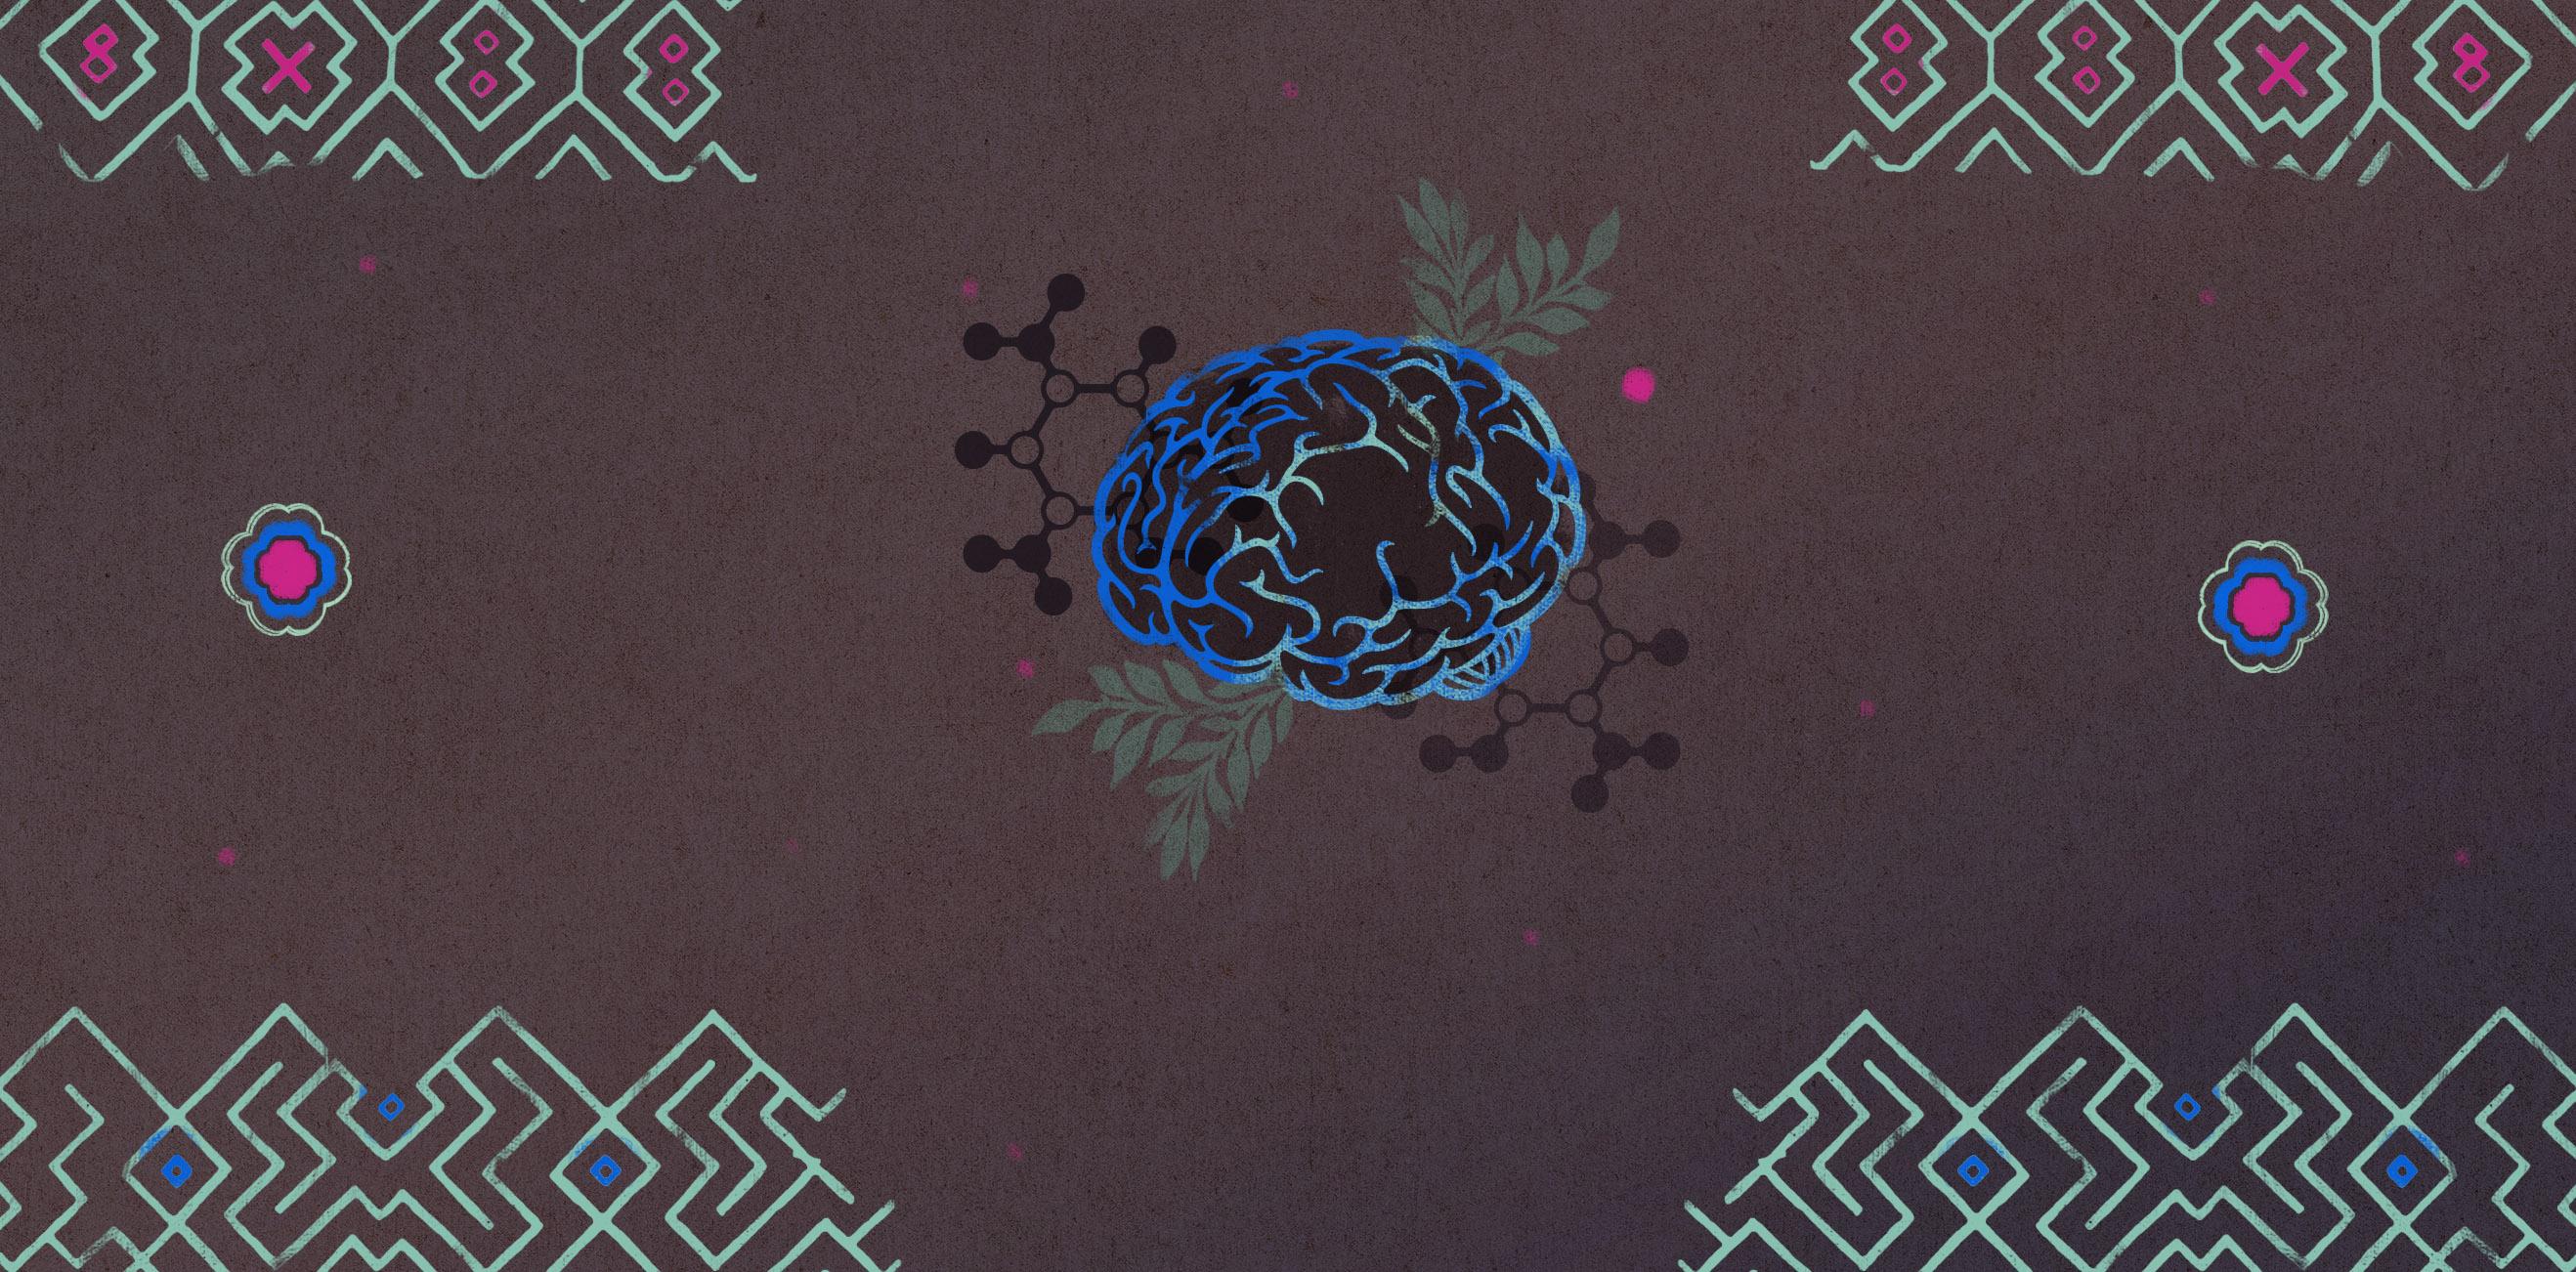 DMT tshirt ayahuaska psychedelic chemical psychoactive Dimethyltryptamine drug